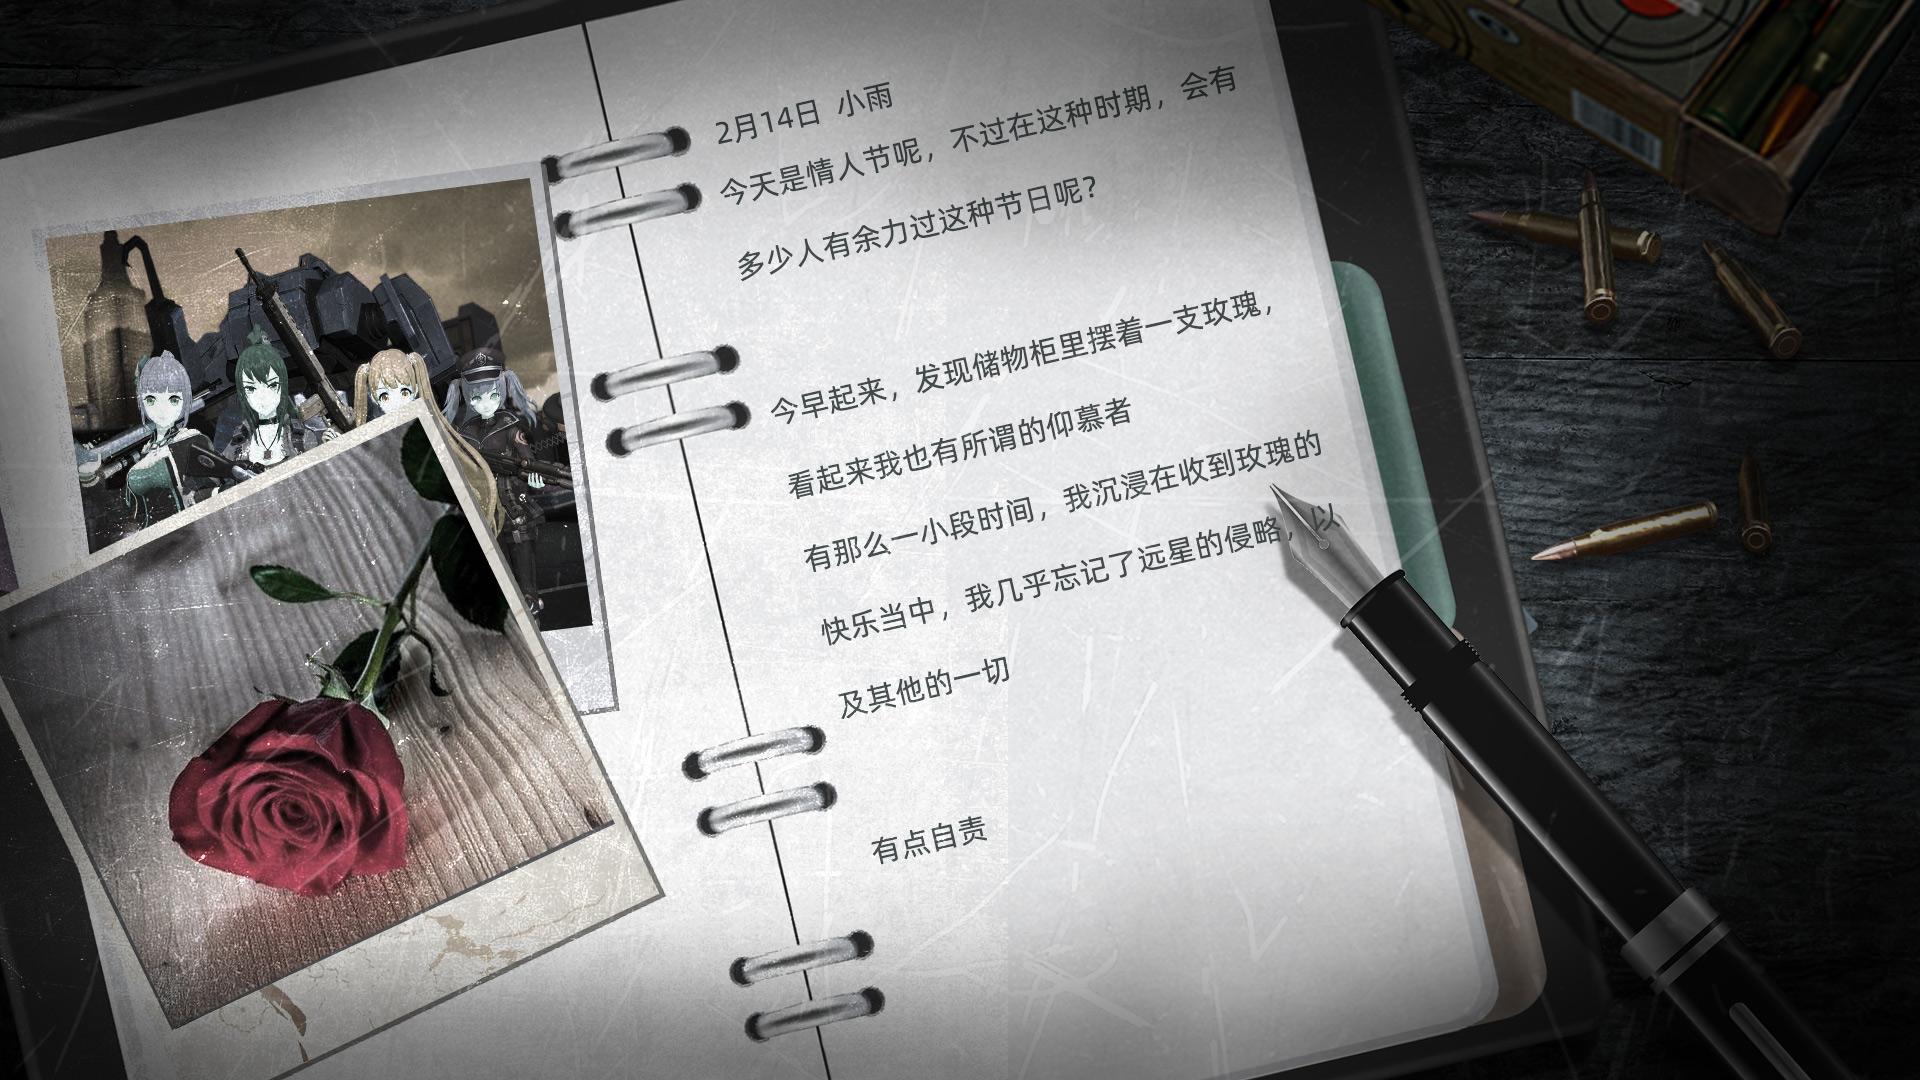 【战场手记】2月14日的日记